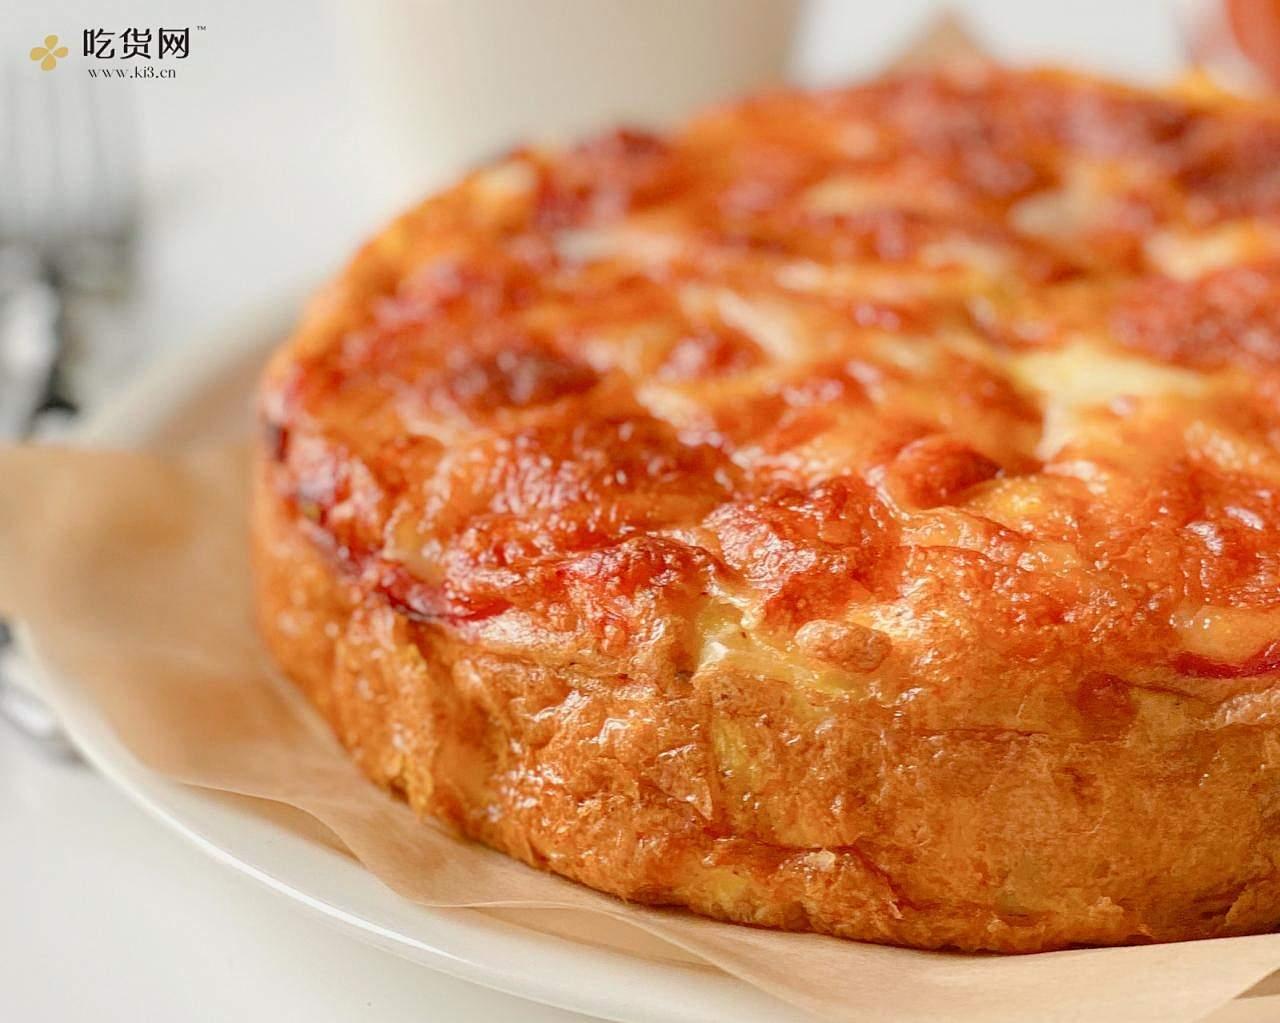 脆皮爆浆巨好吃的火腿芝士西班牙蛋饼的做法 步骤6